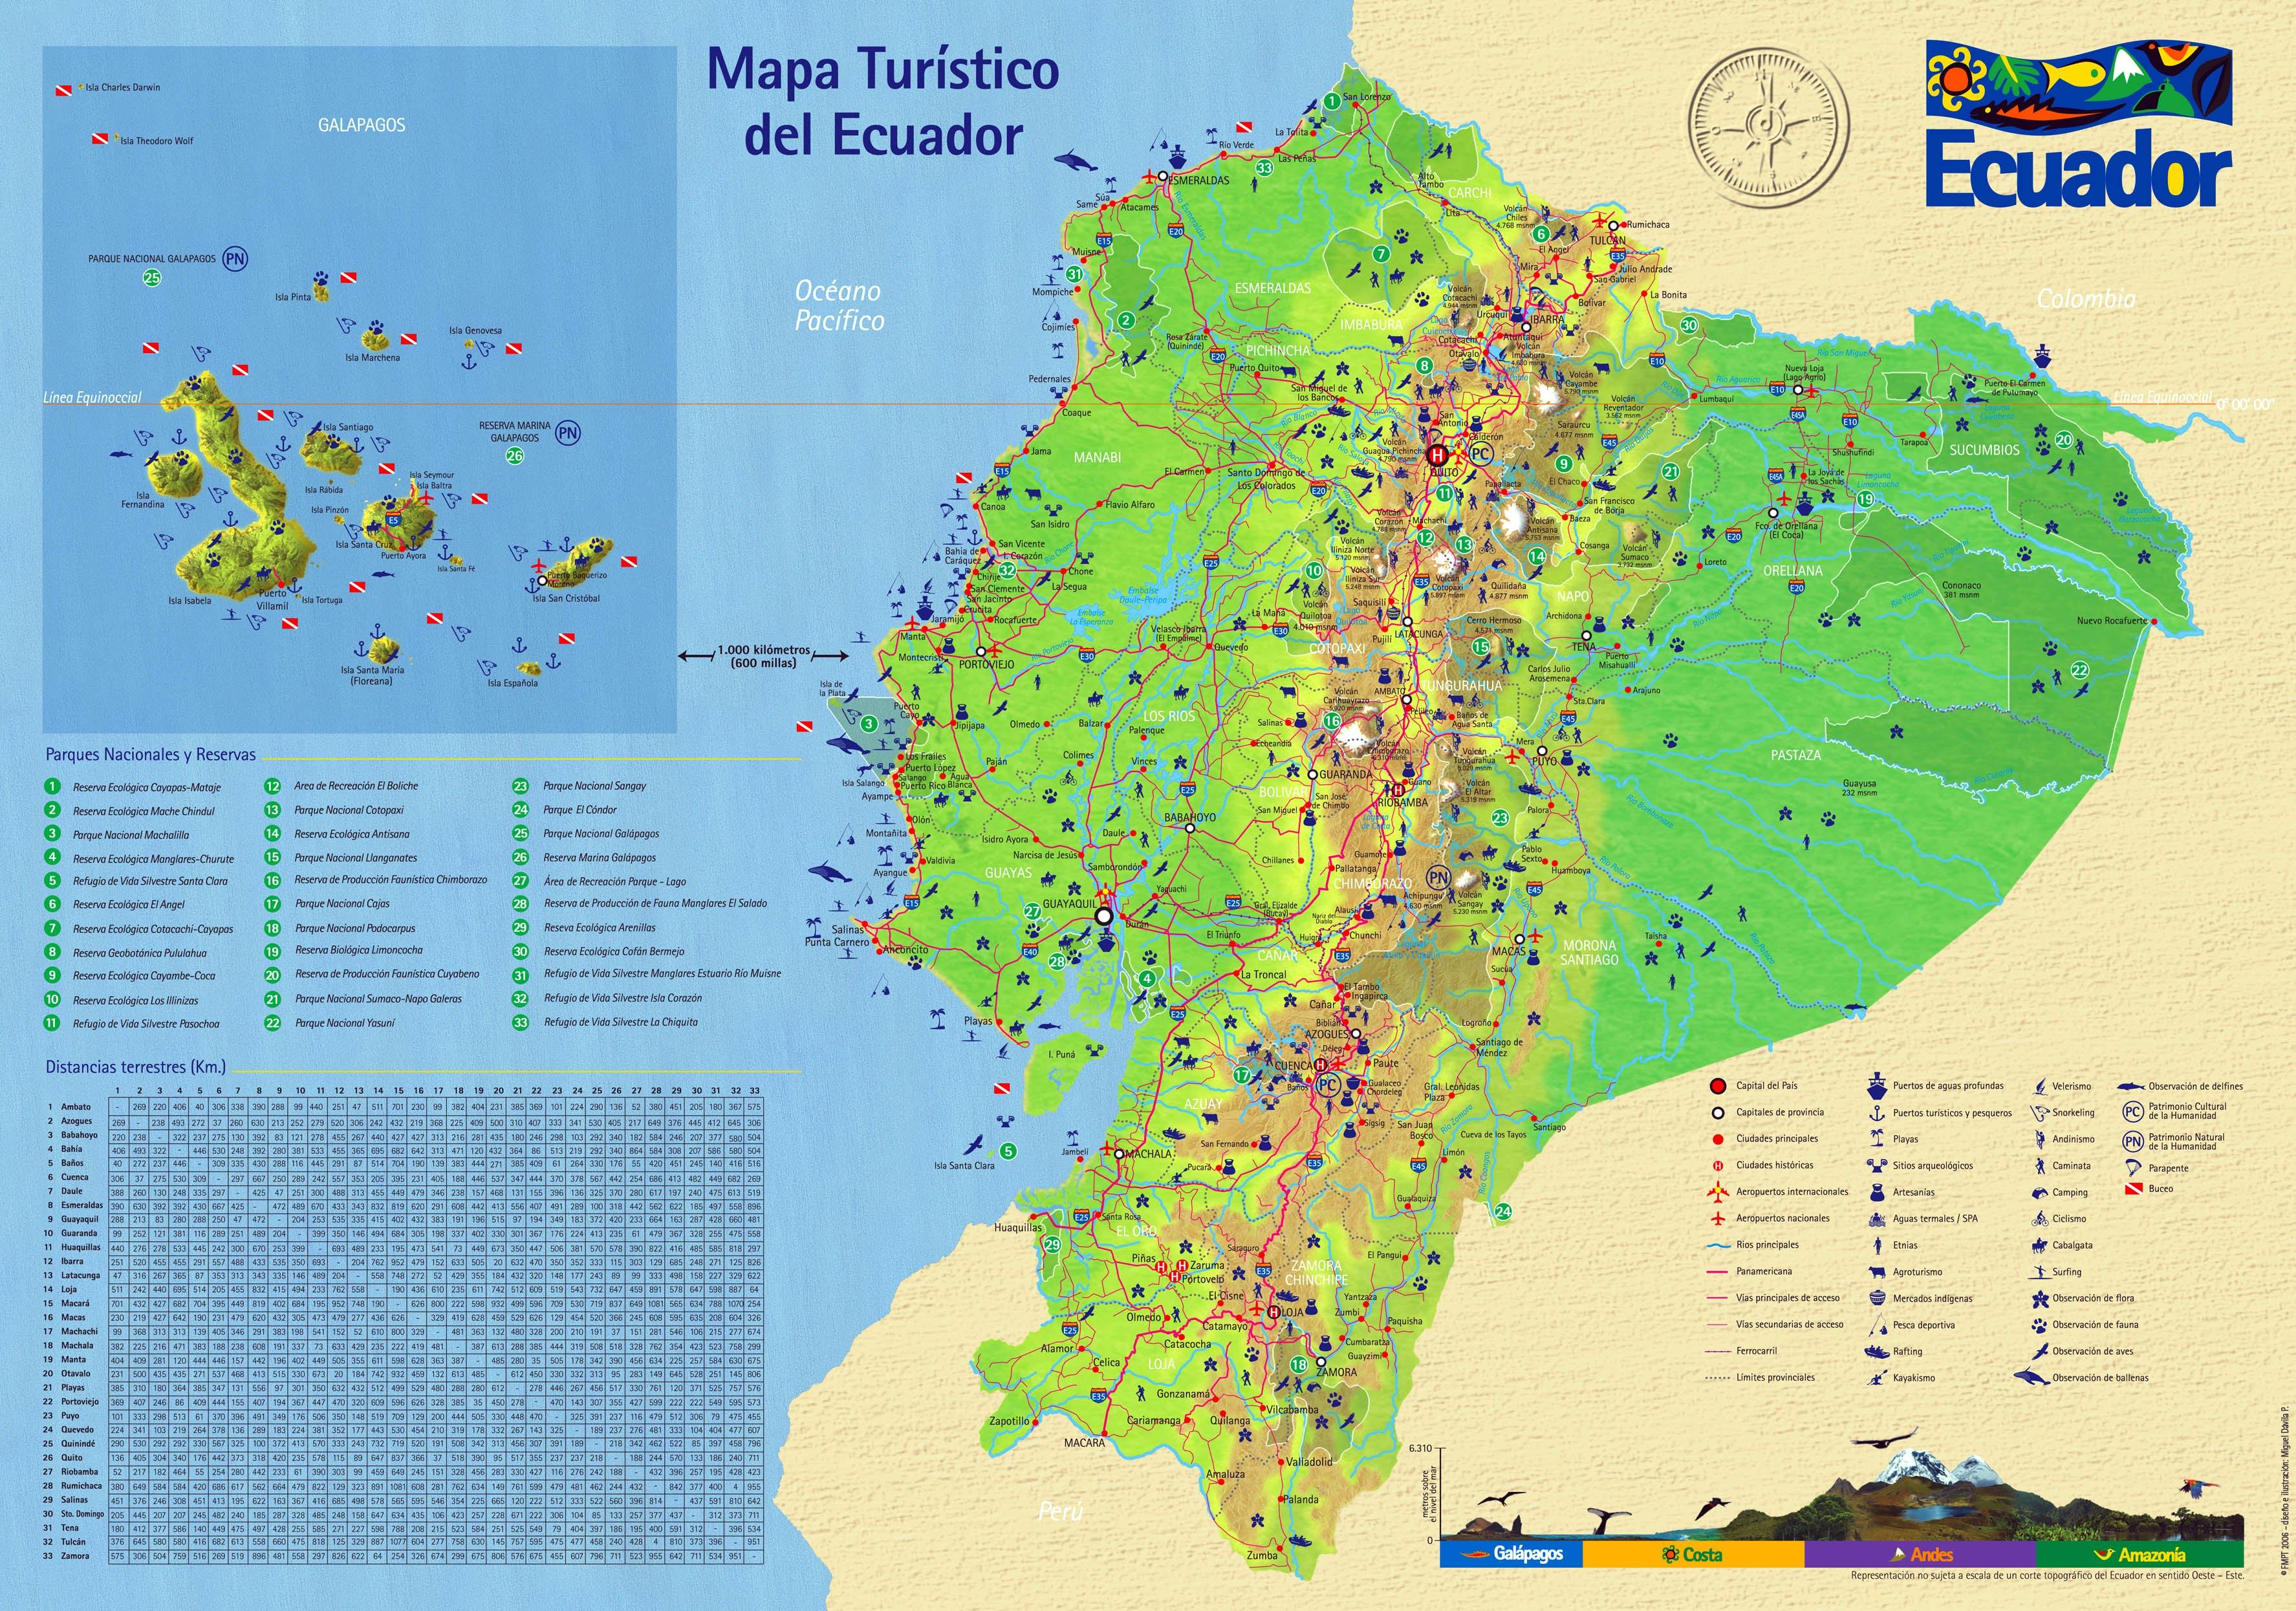 Ecuador Maps Printable Maps Of Ecuador For Download - Map ecuador